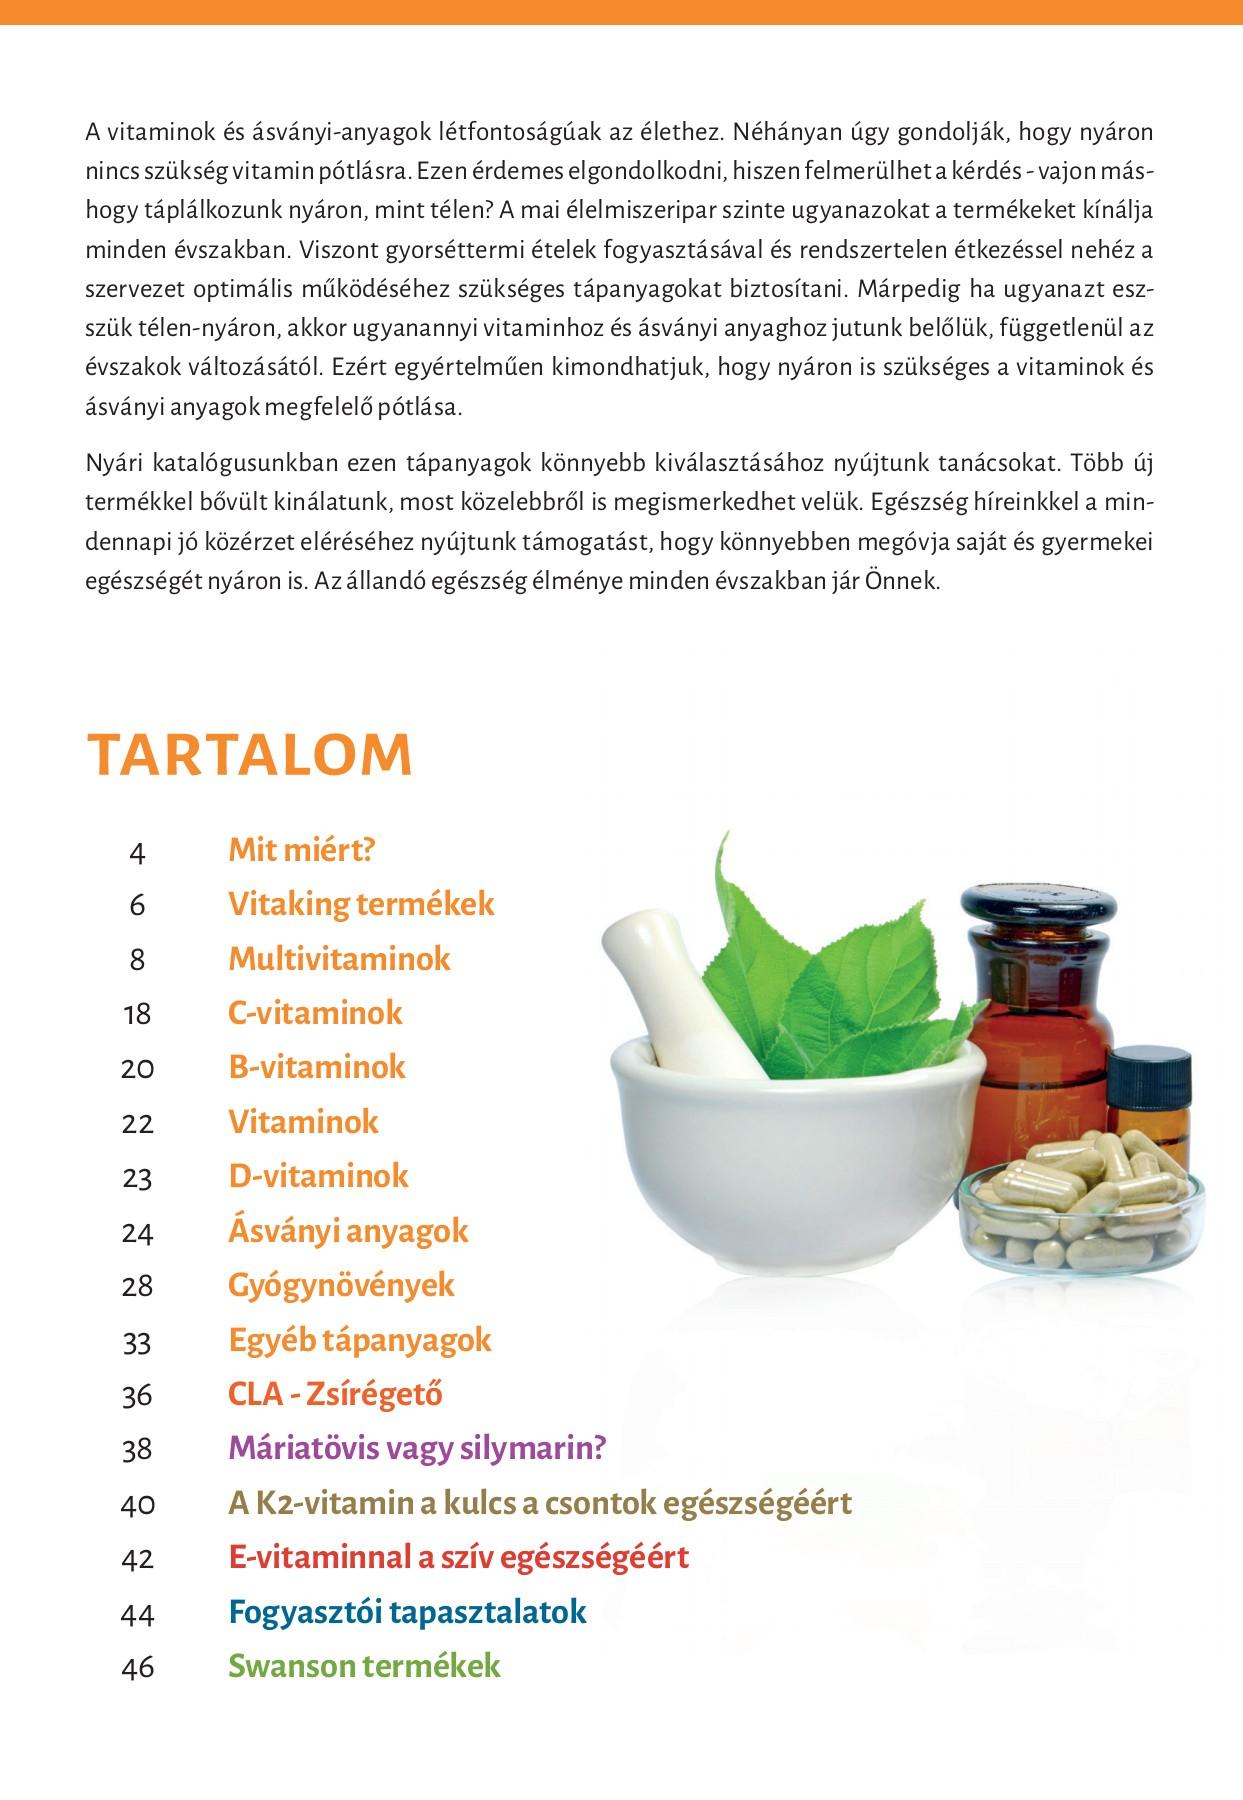 vitaminok a látáshoz Japánból)